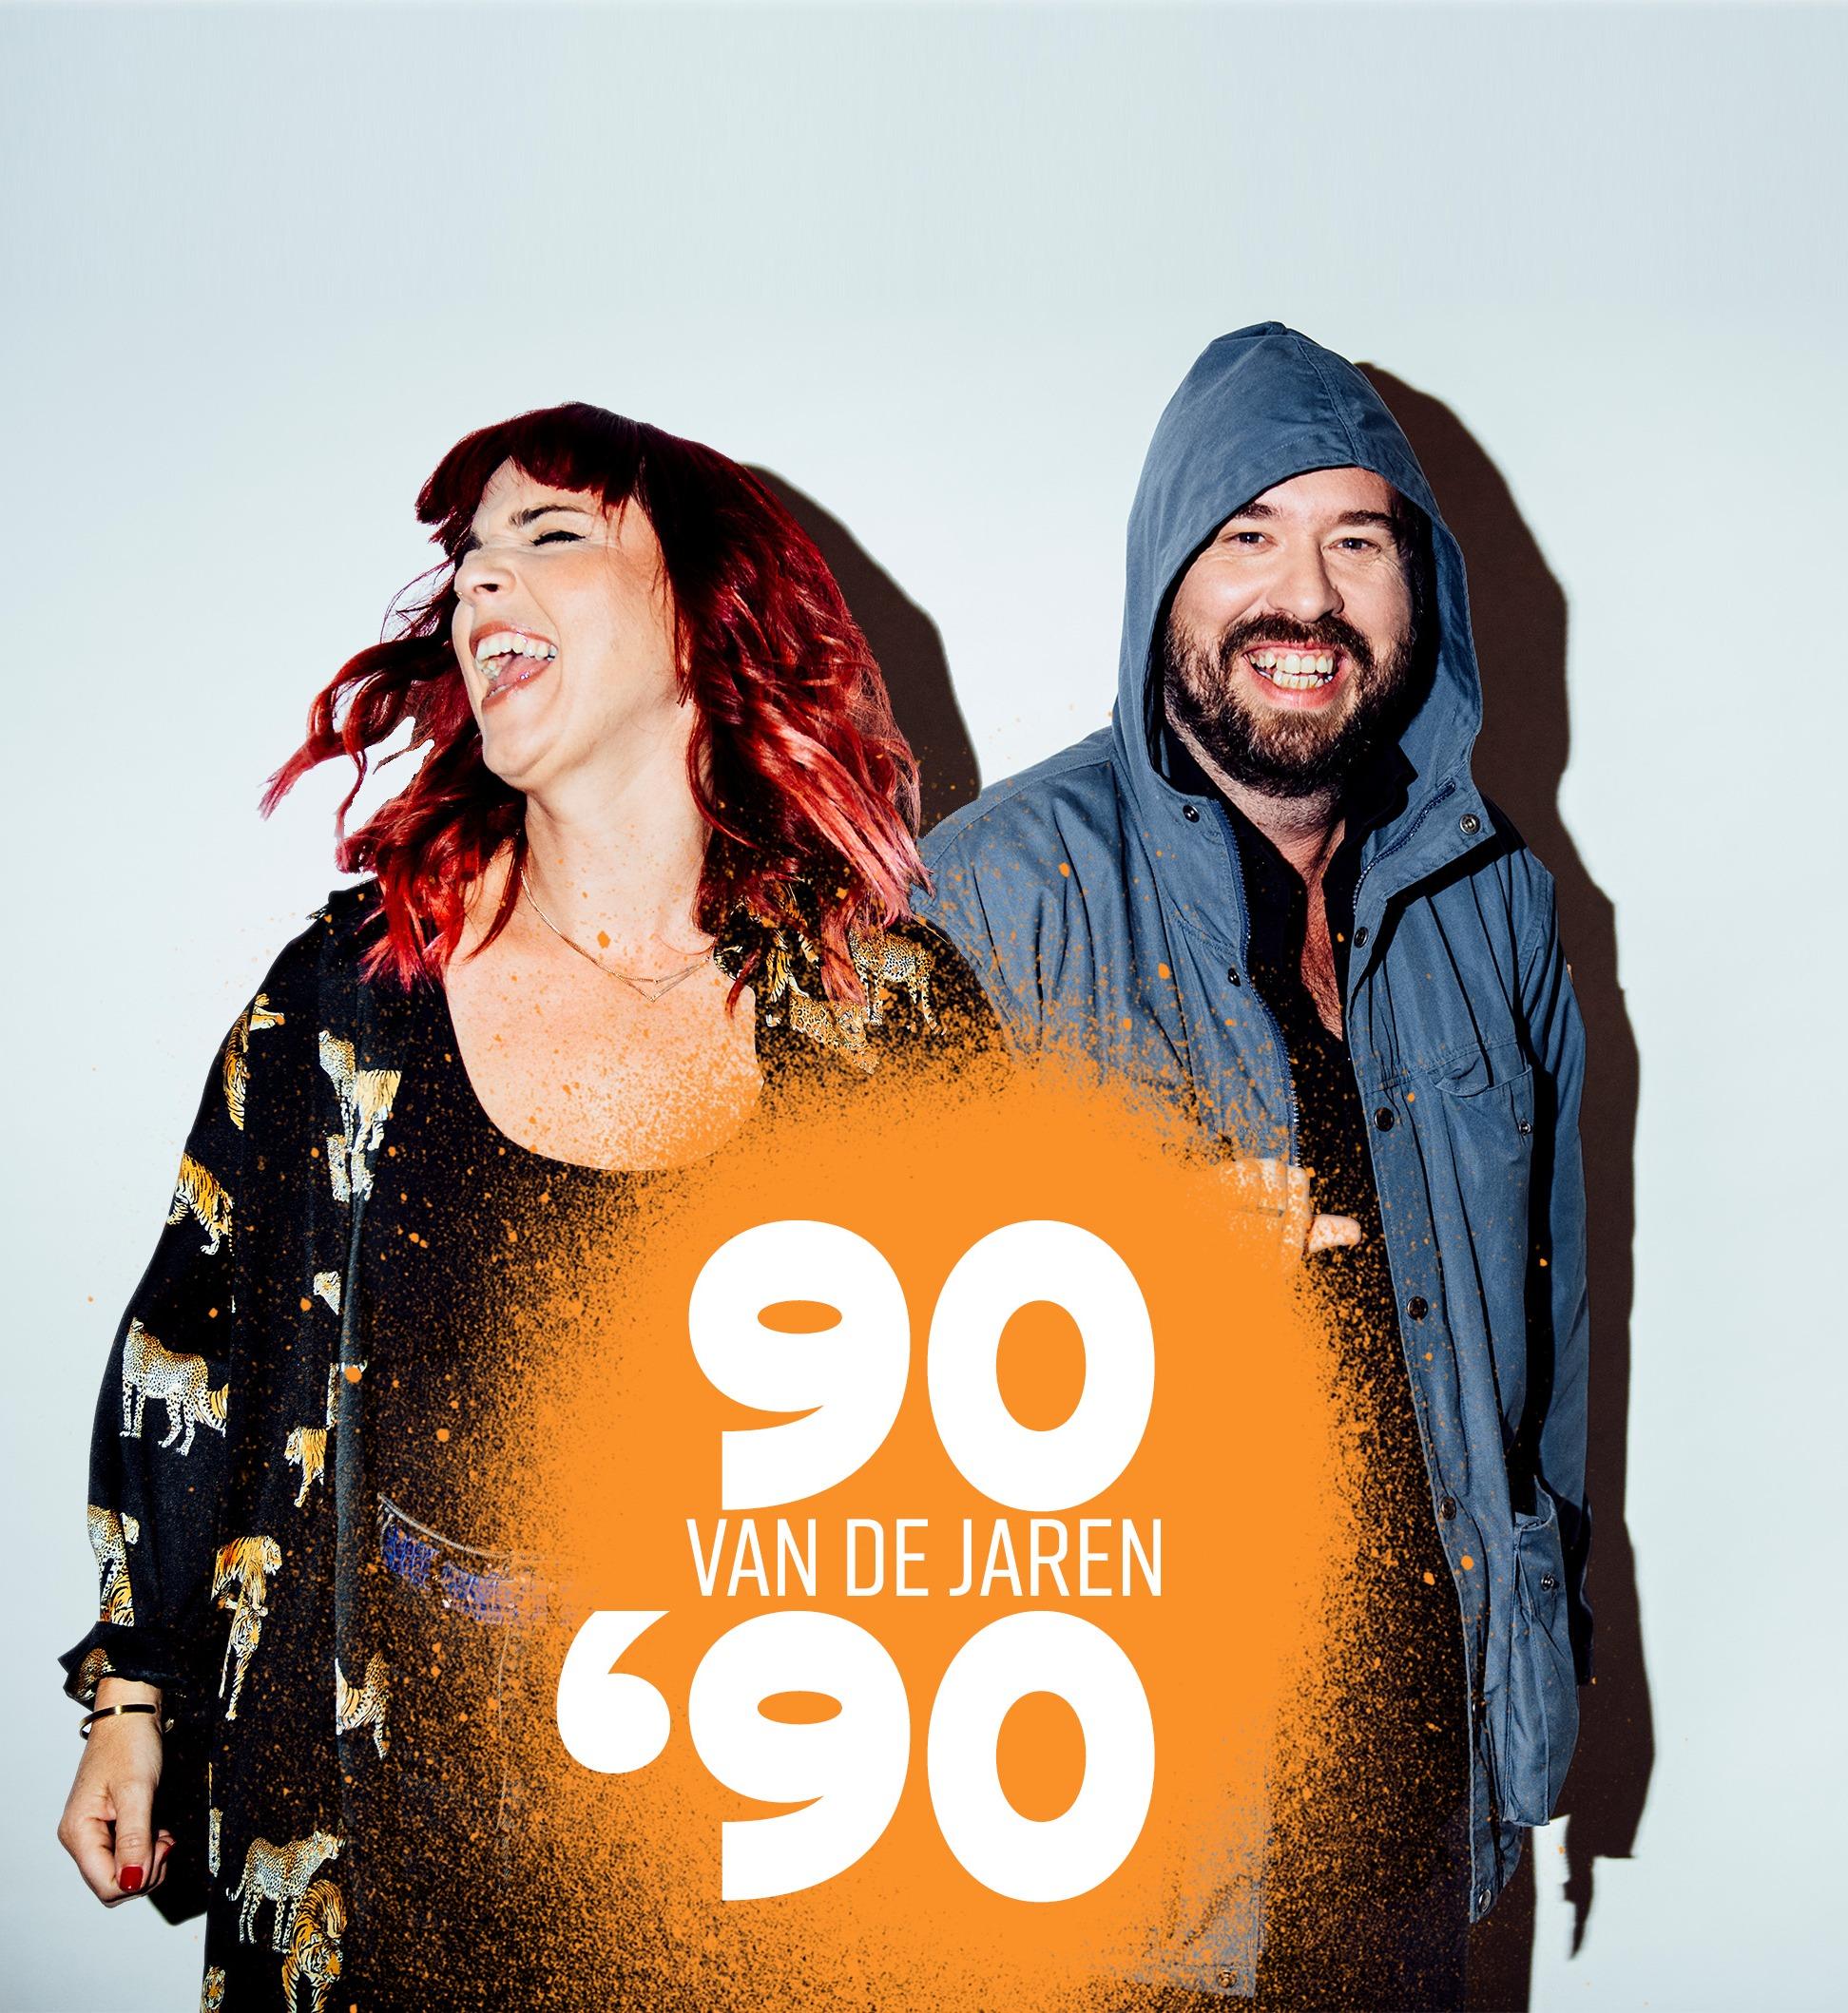 90 van de jaren 90